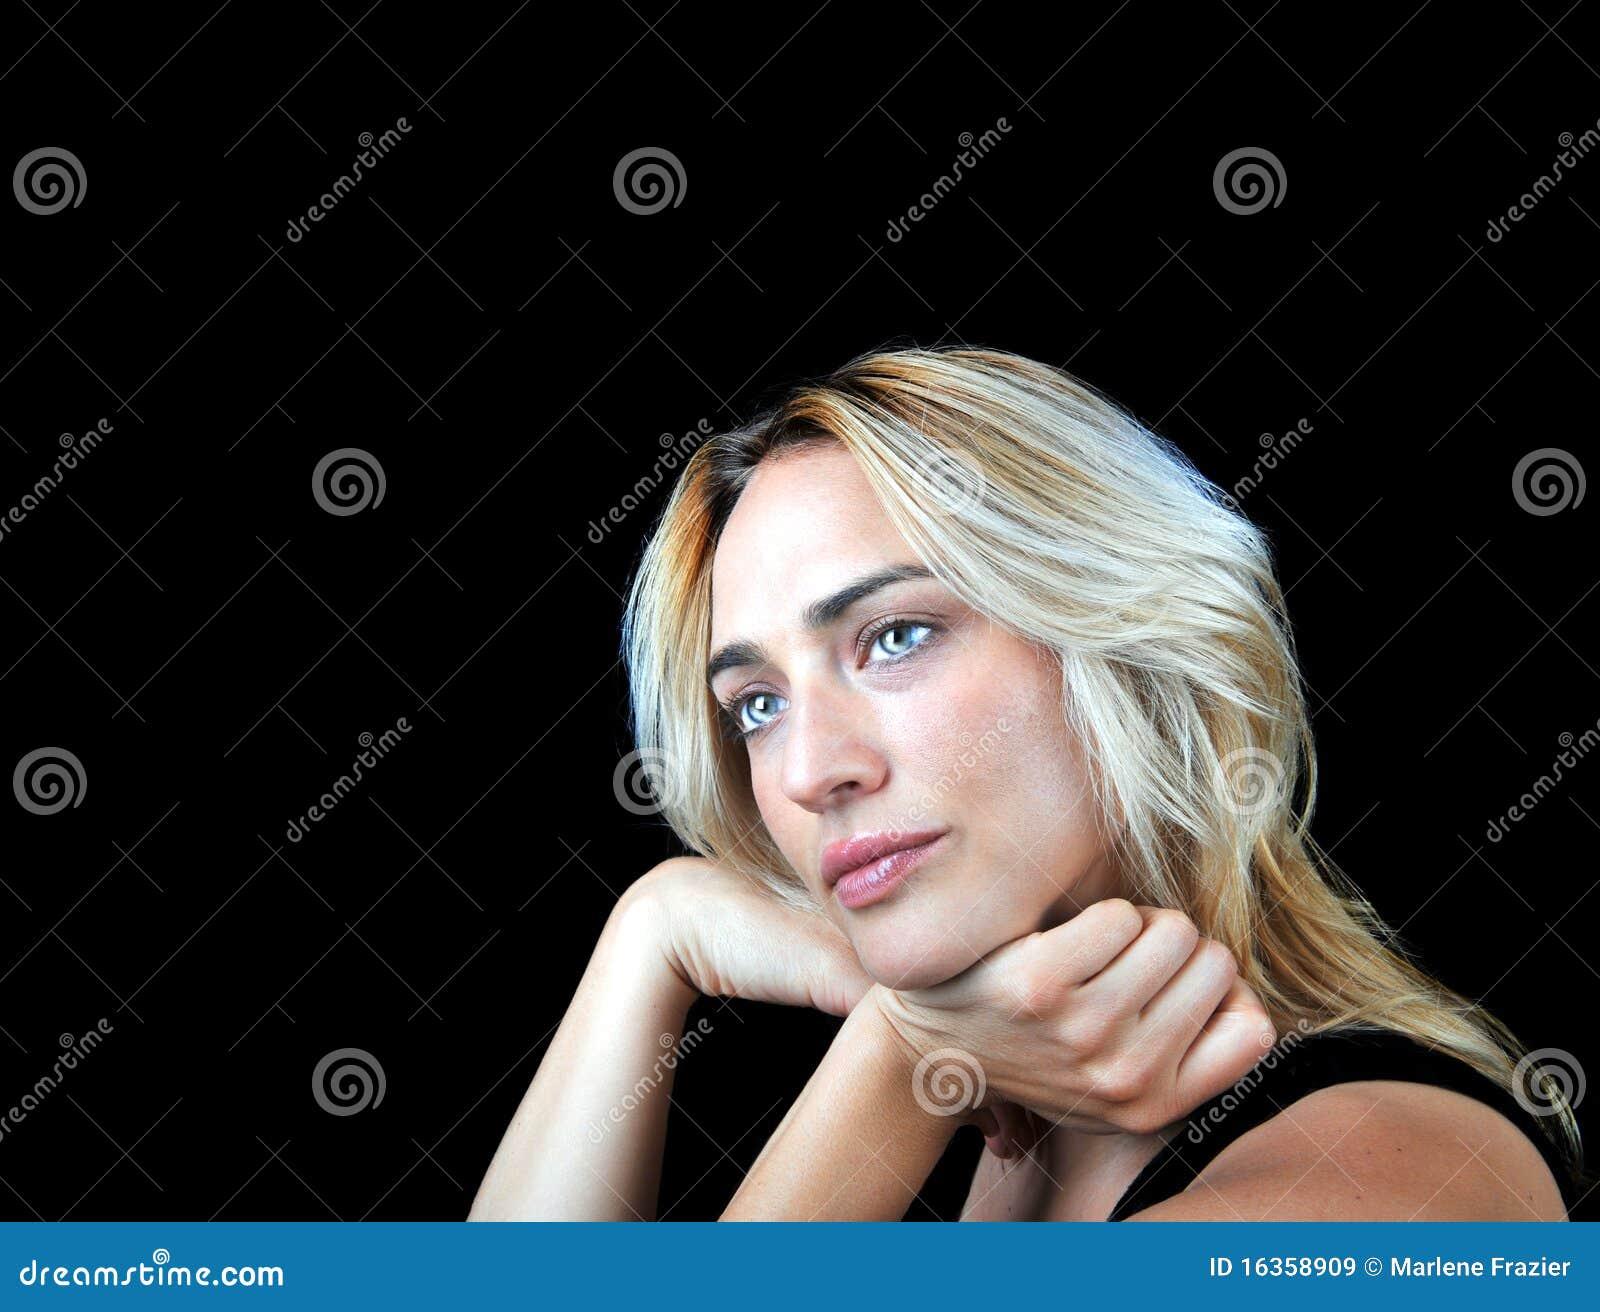 Mooie medelevende vrouw op zwarte achtergrond.